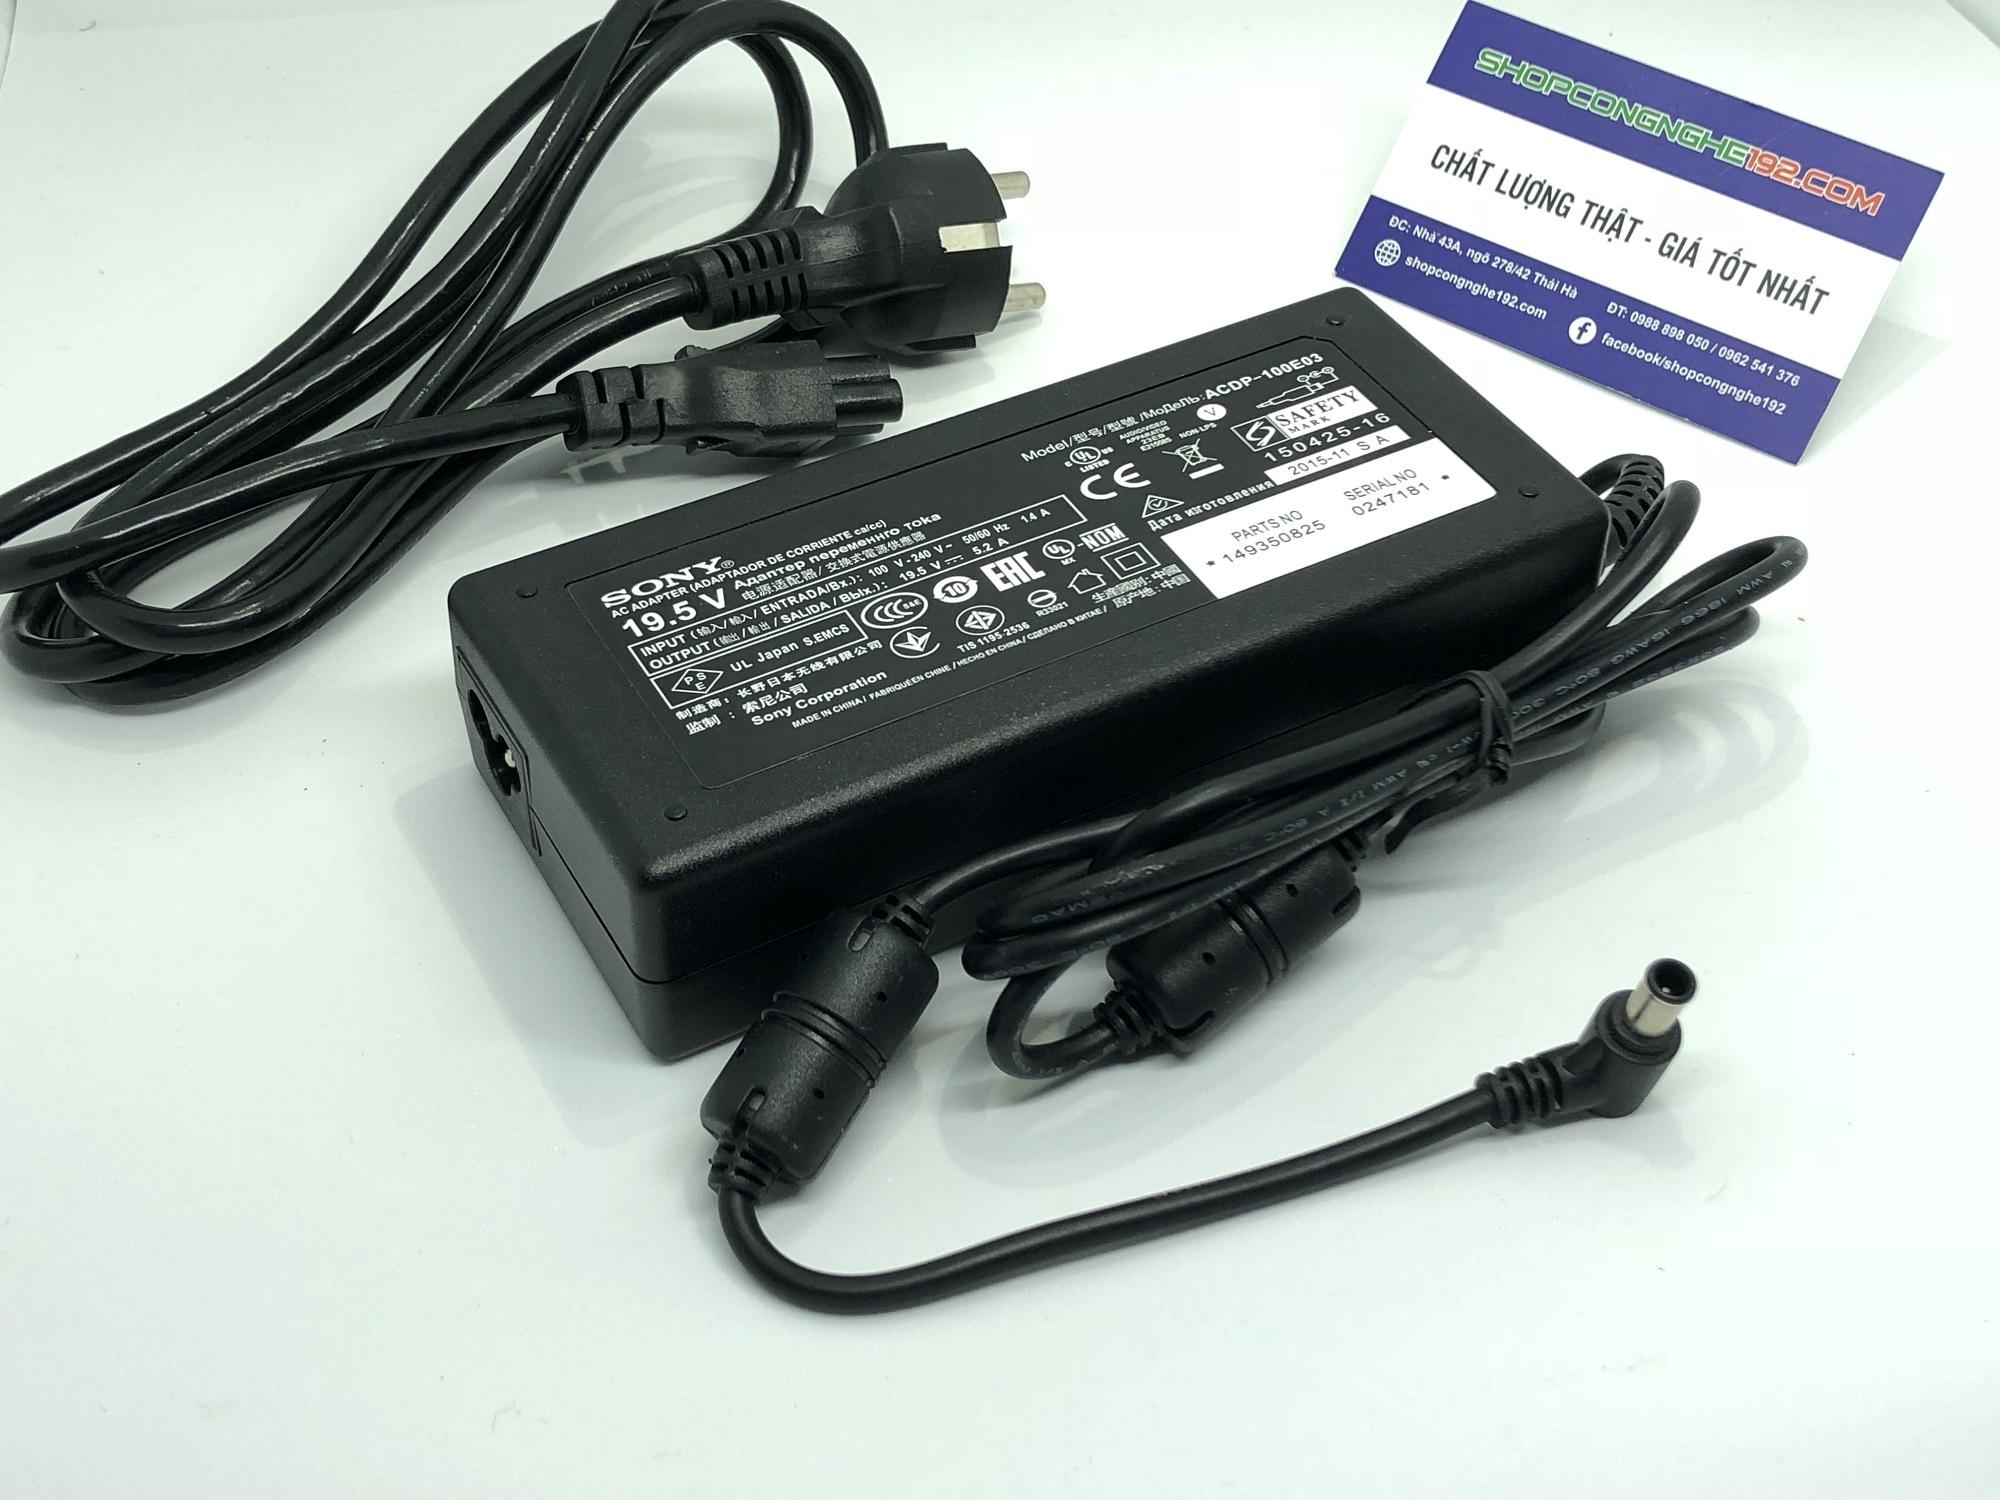 Adapter Sony 19.5V 19,5v 5,2a Sử dụng cho các dòng màn hình tivi sony như  Sony Bravia KDL-42W705B KDL-42W706B KDL-42W805B KDL-42W815B KDL-42W817B ...